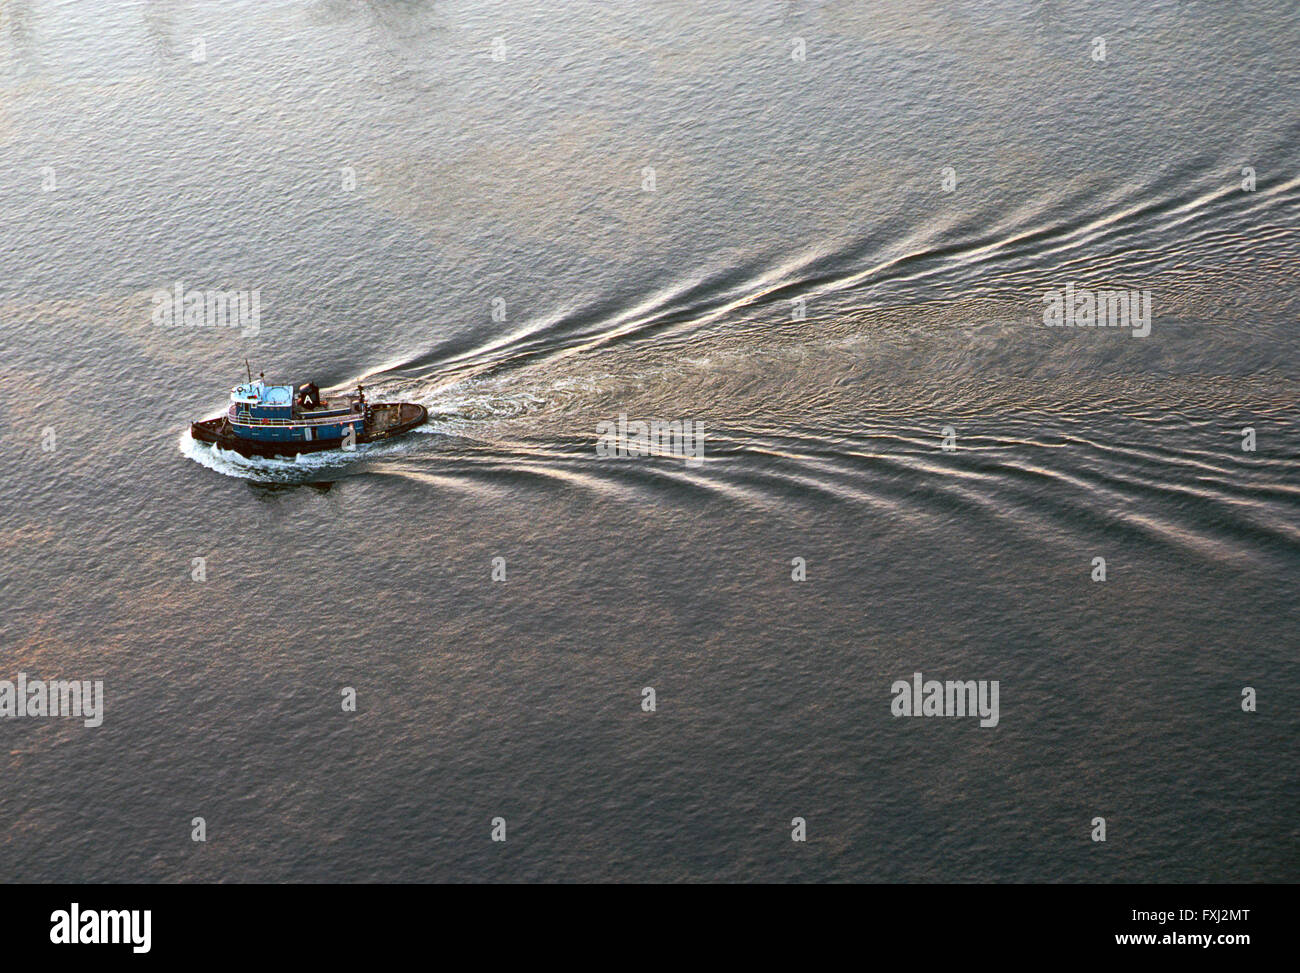 aerial view of tugboat in delaware river near philadelphia stock